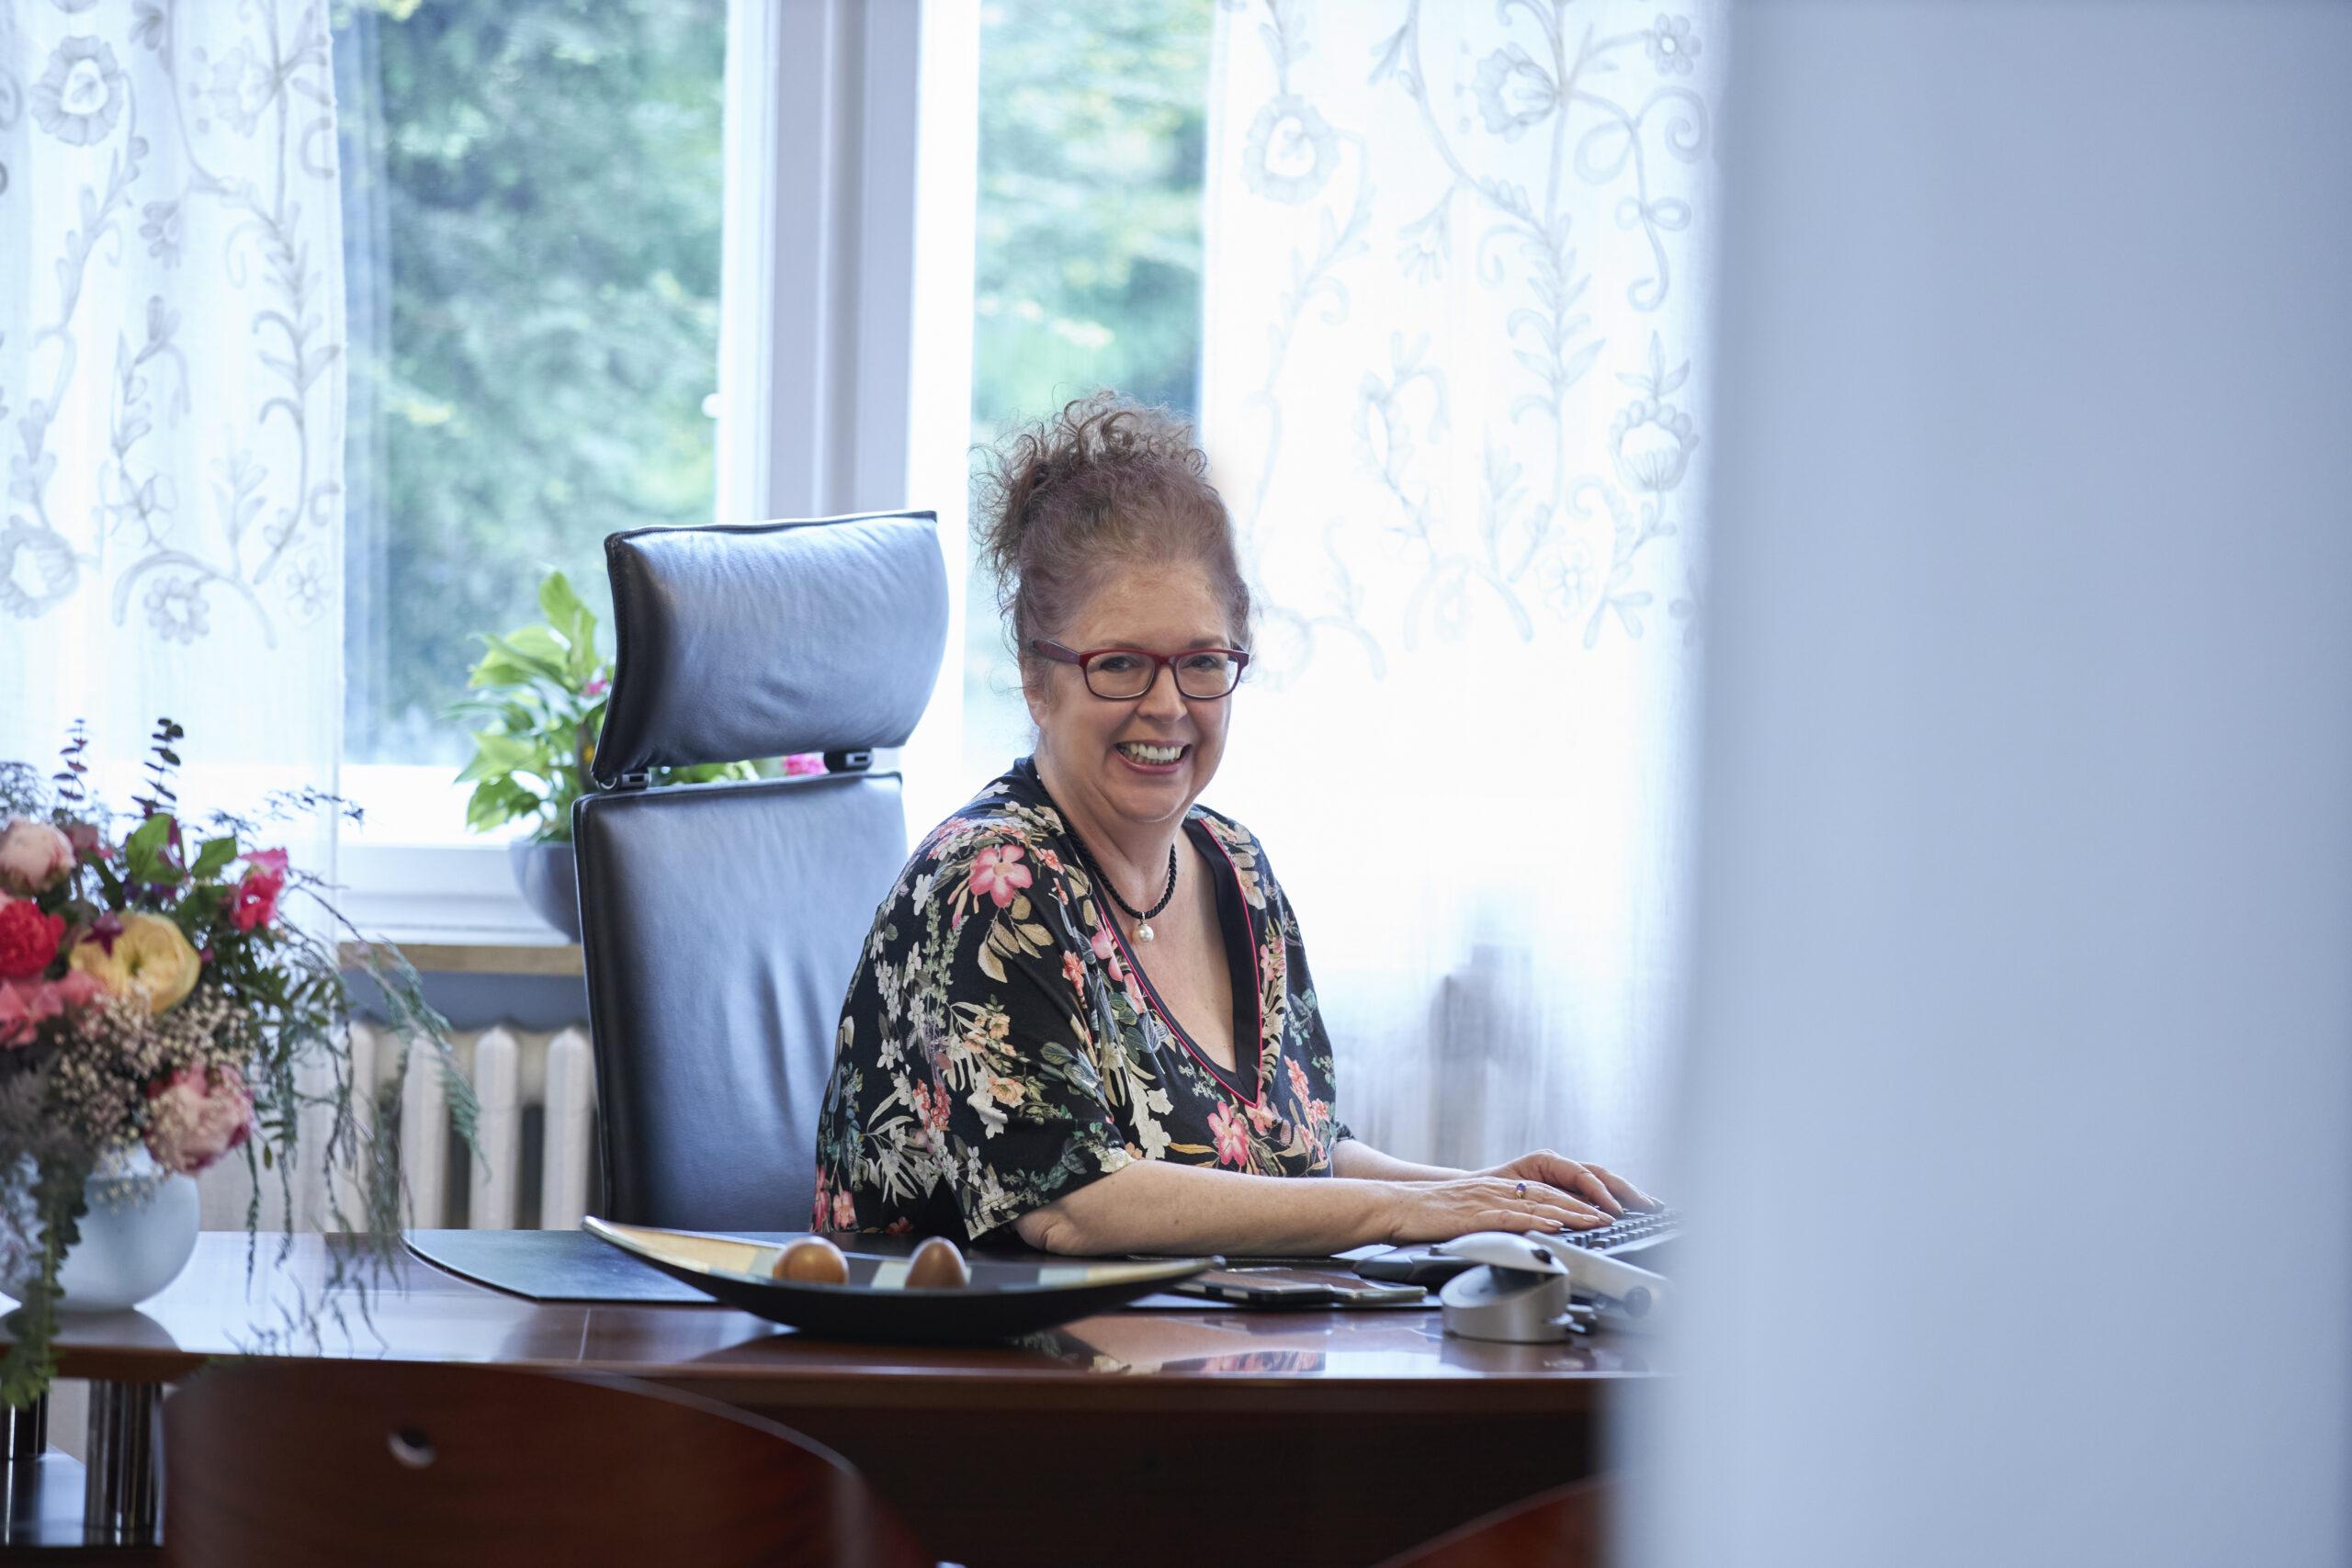 Frau Magret Schneider am Schreibtisch lächelnd